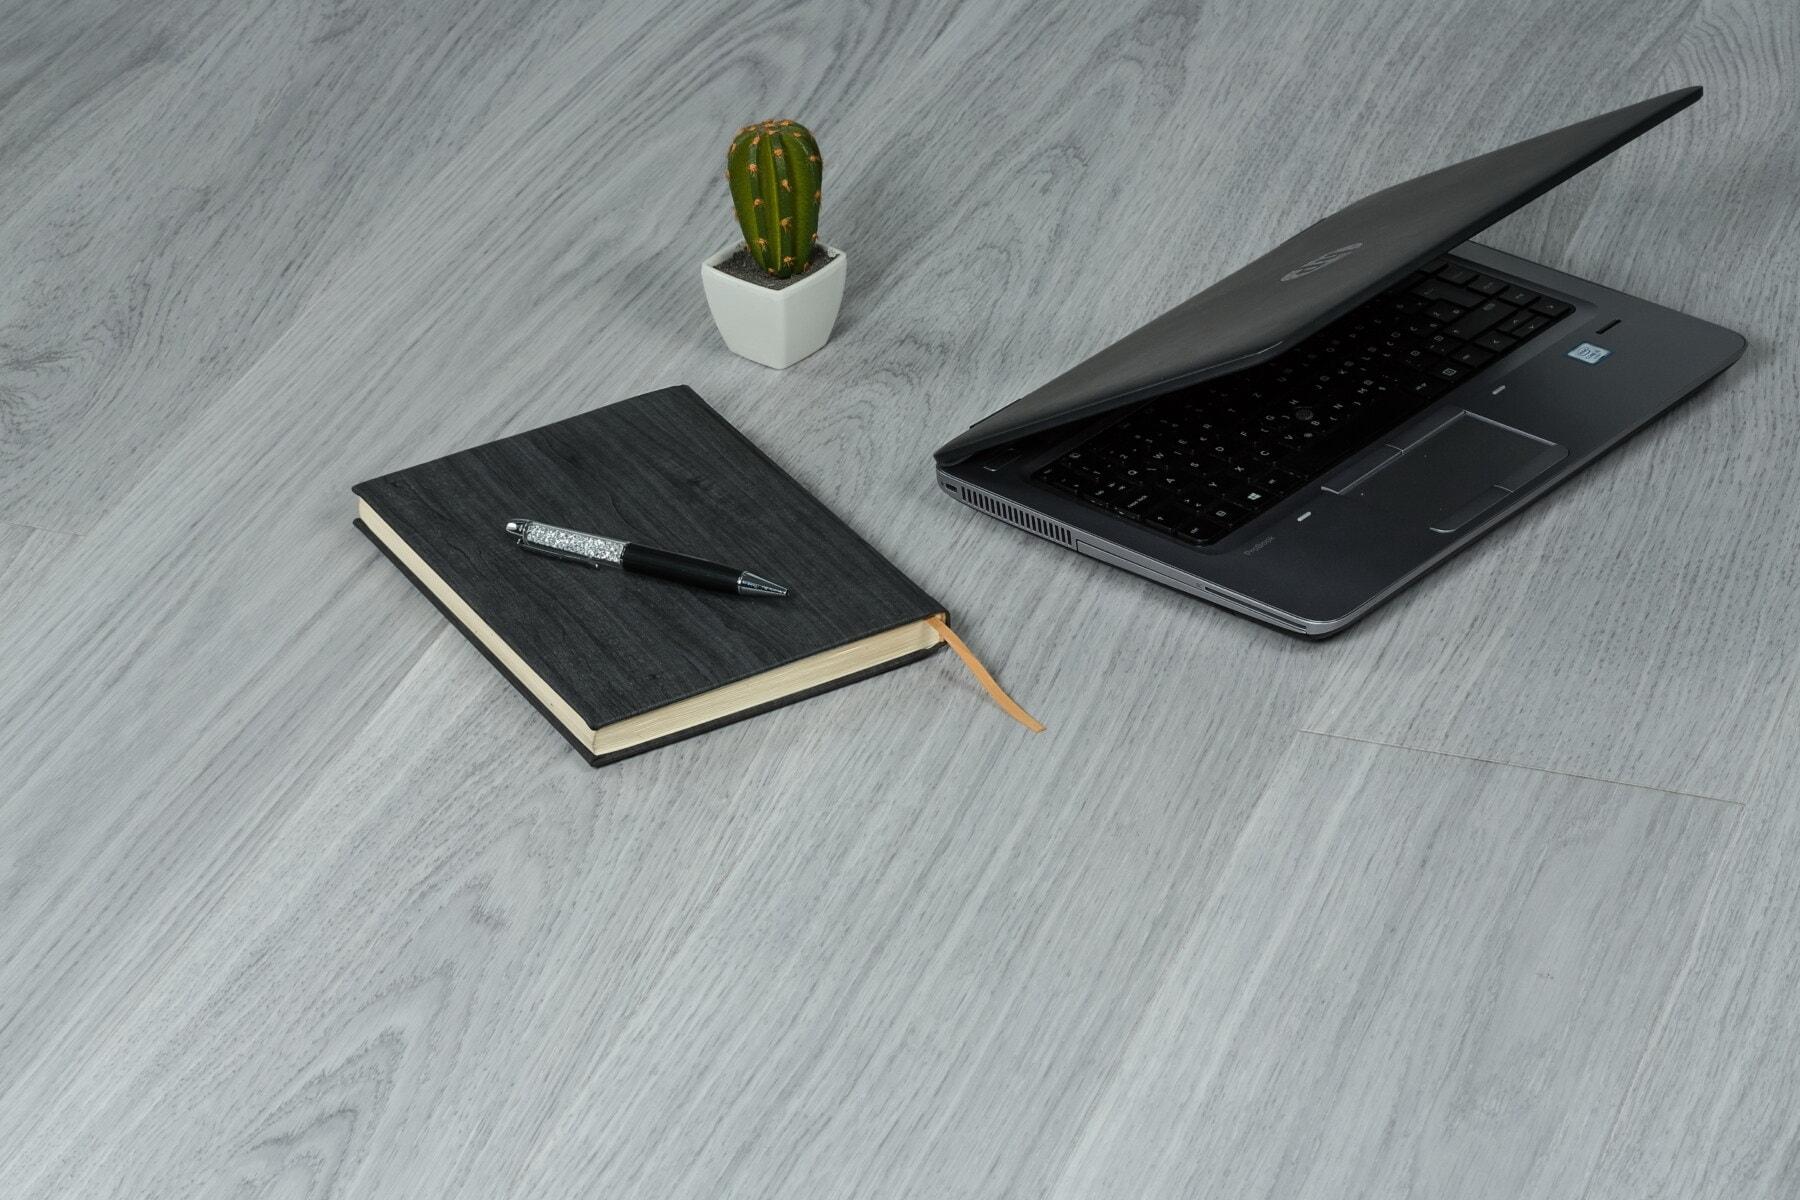 персональный компьютер, портативный компьютер, Портативный компьютер, Ноутбук, офис, элегантный, стол, модные, фантазии, минимализм